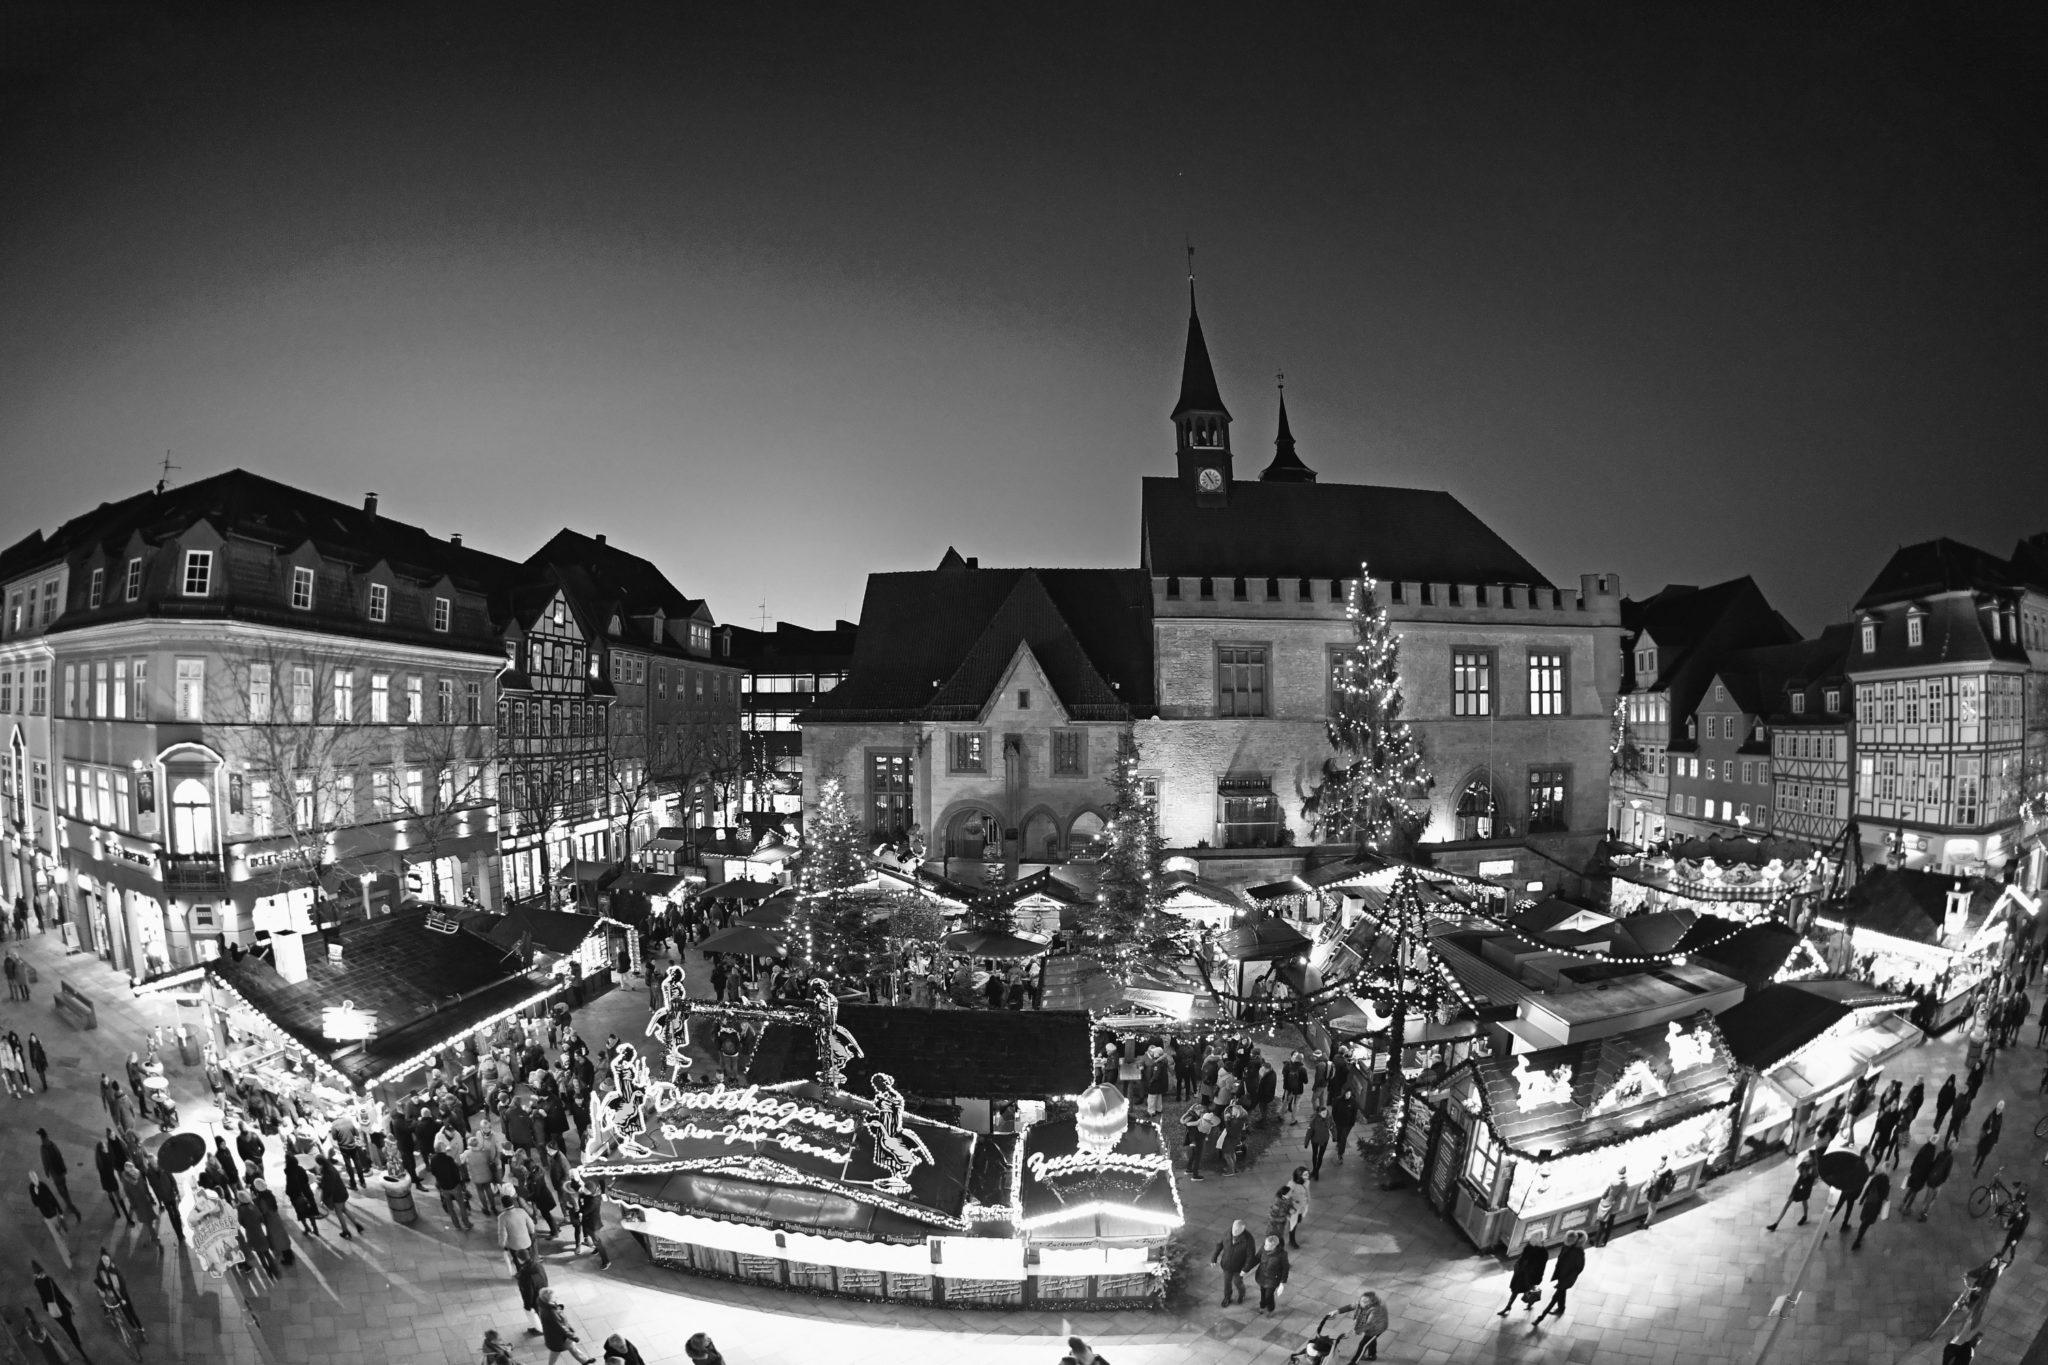 Weihnachtsmarkt 2020 in Göttingen fällt aus